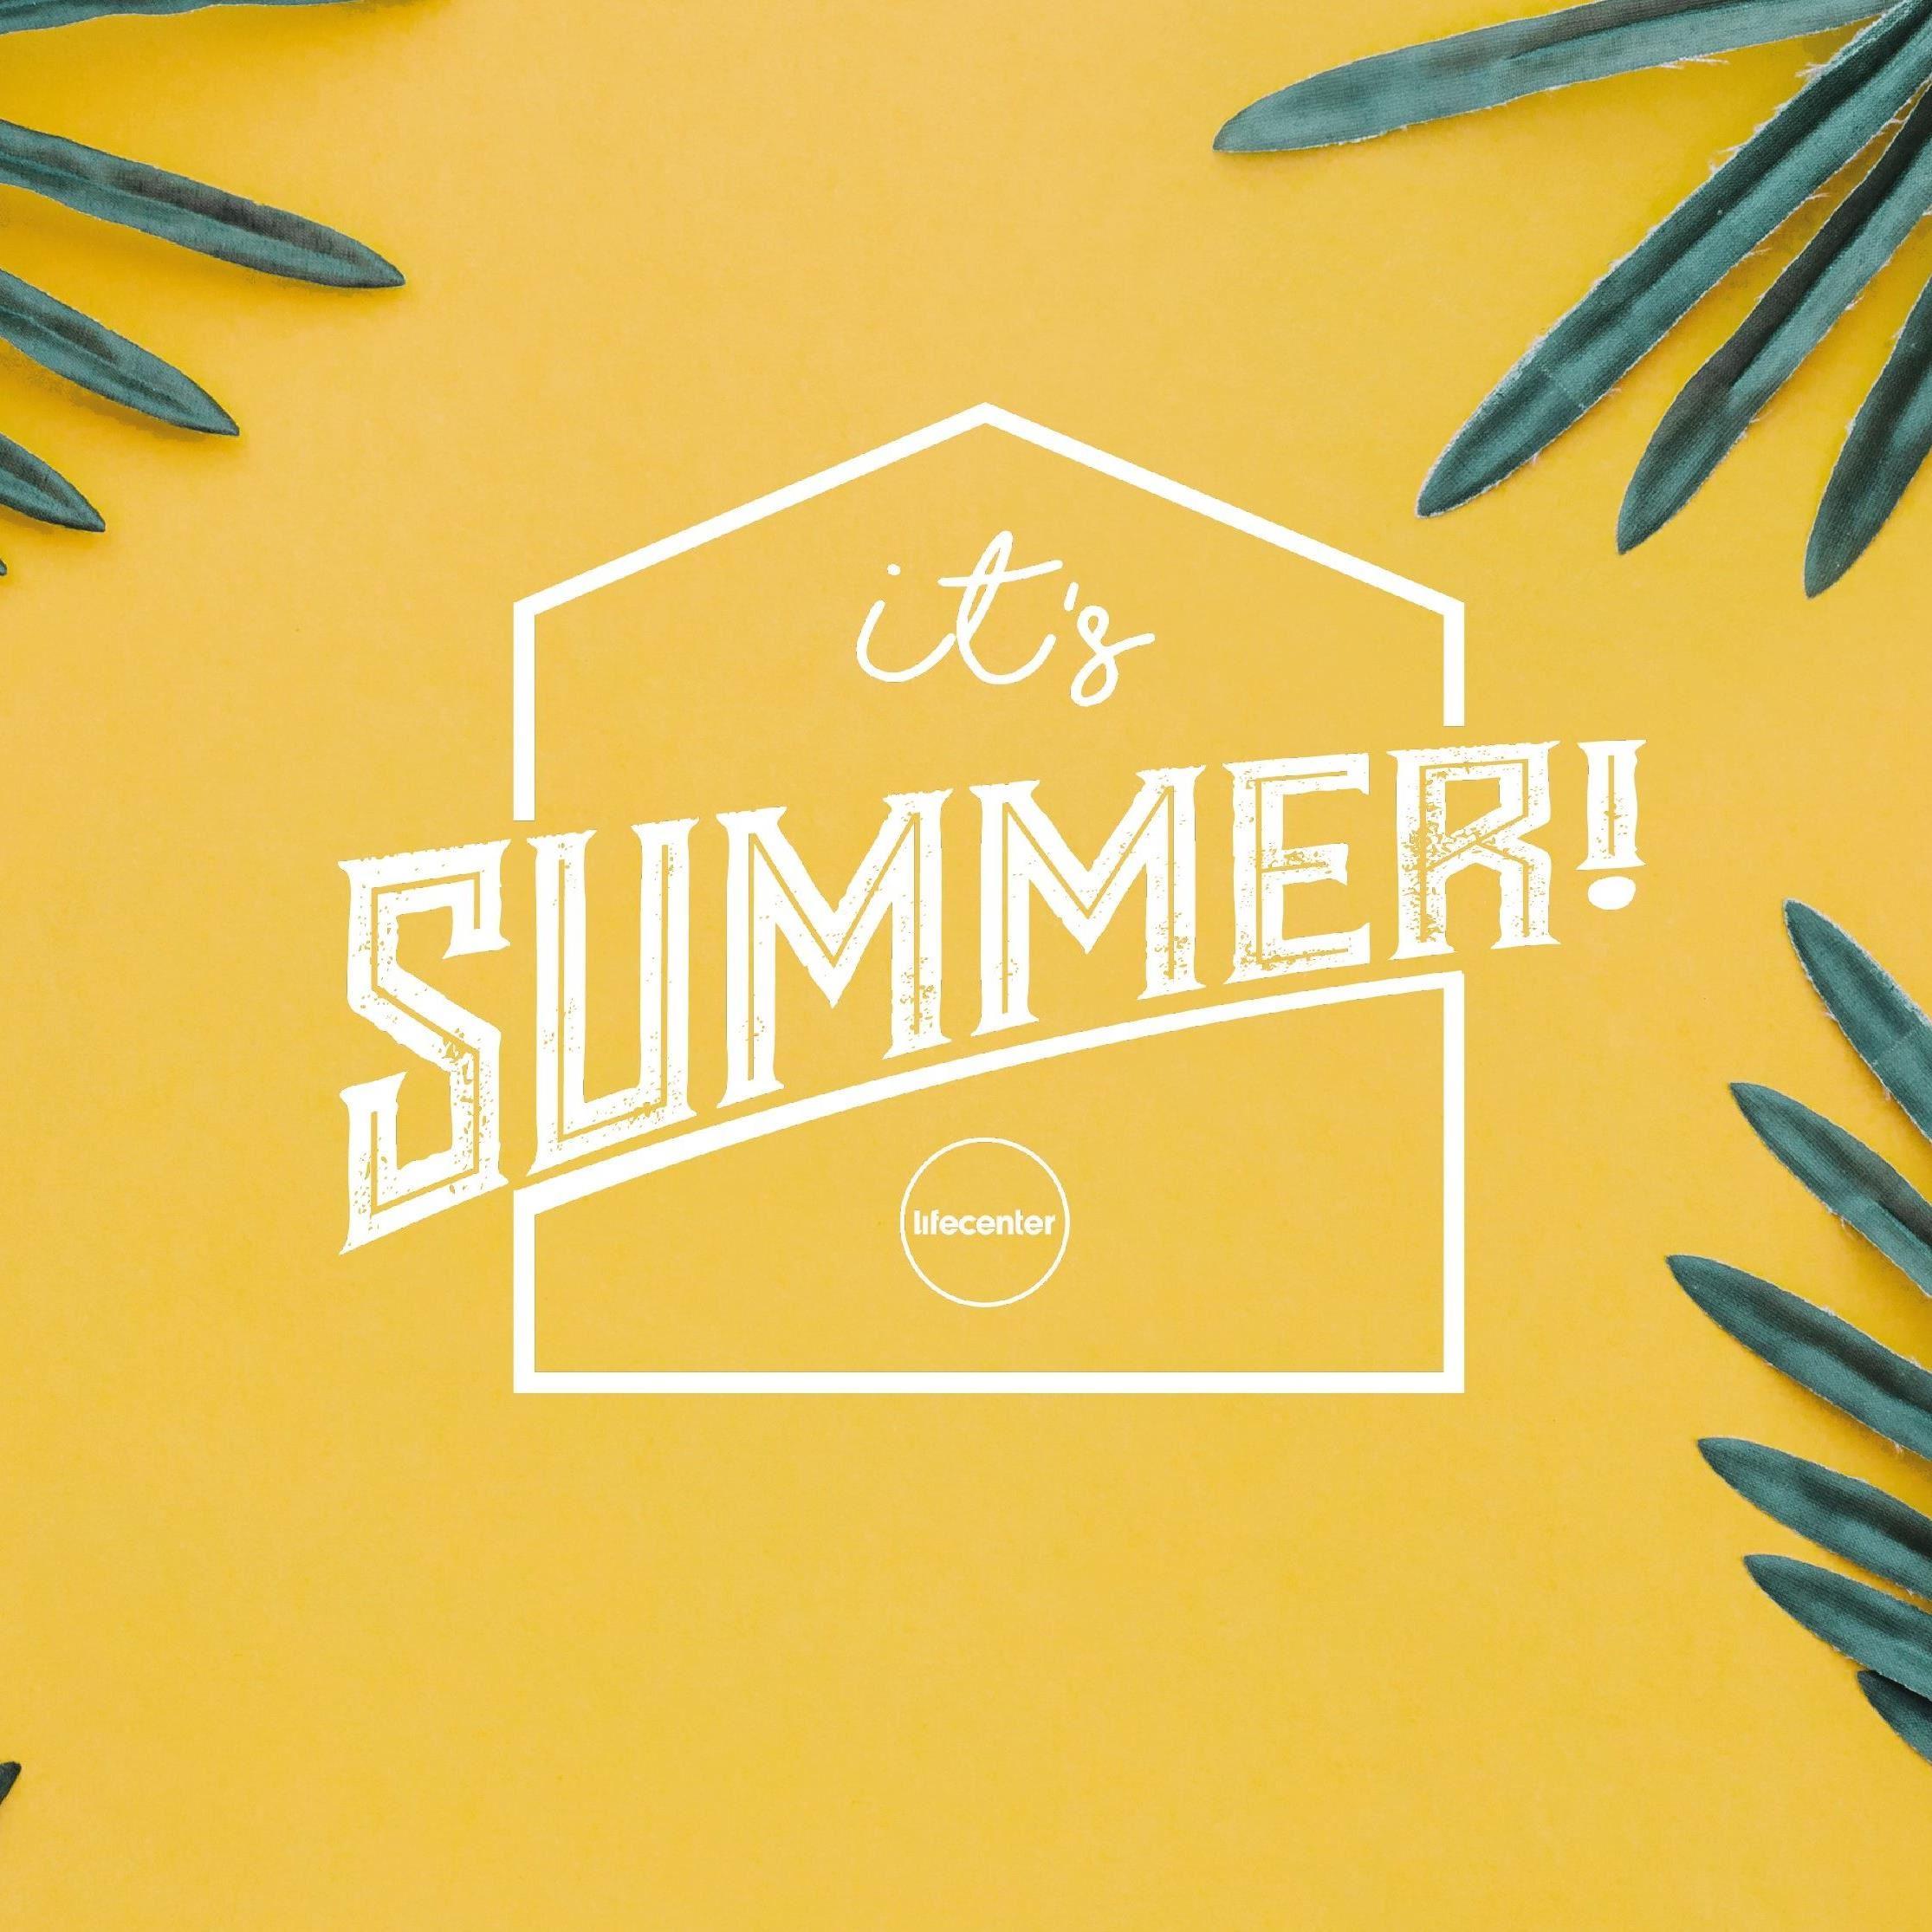 Sommargudstjänster Café & Bad - it's summer!